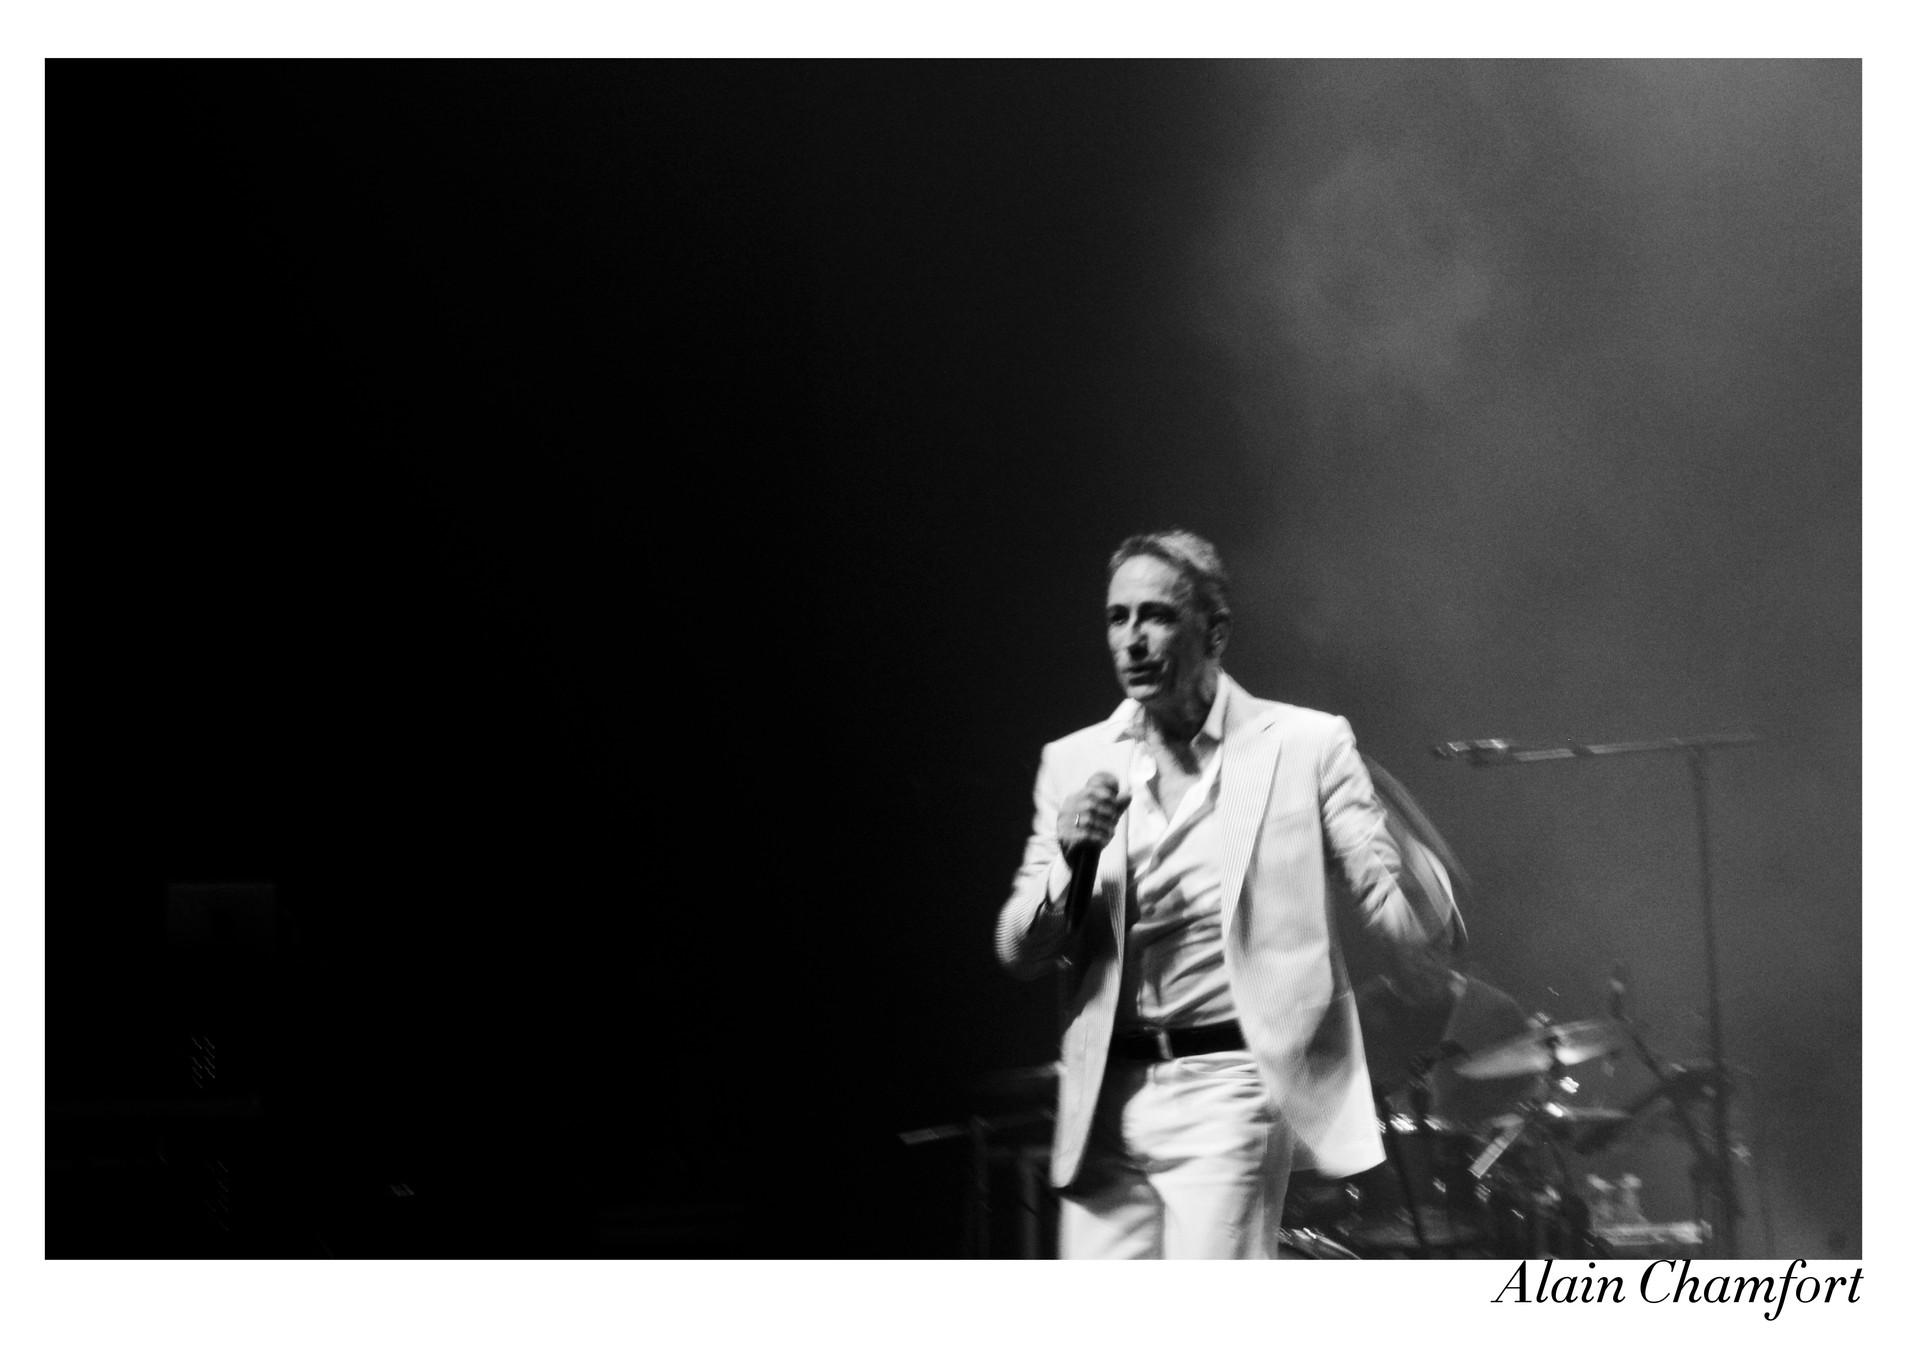 Faces - Des concerts pop13.jpg